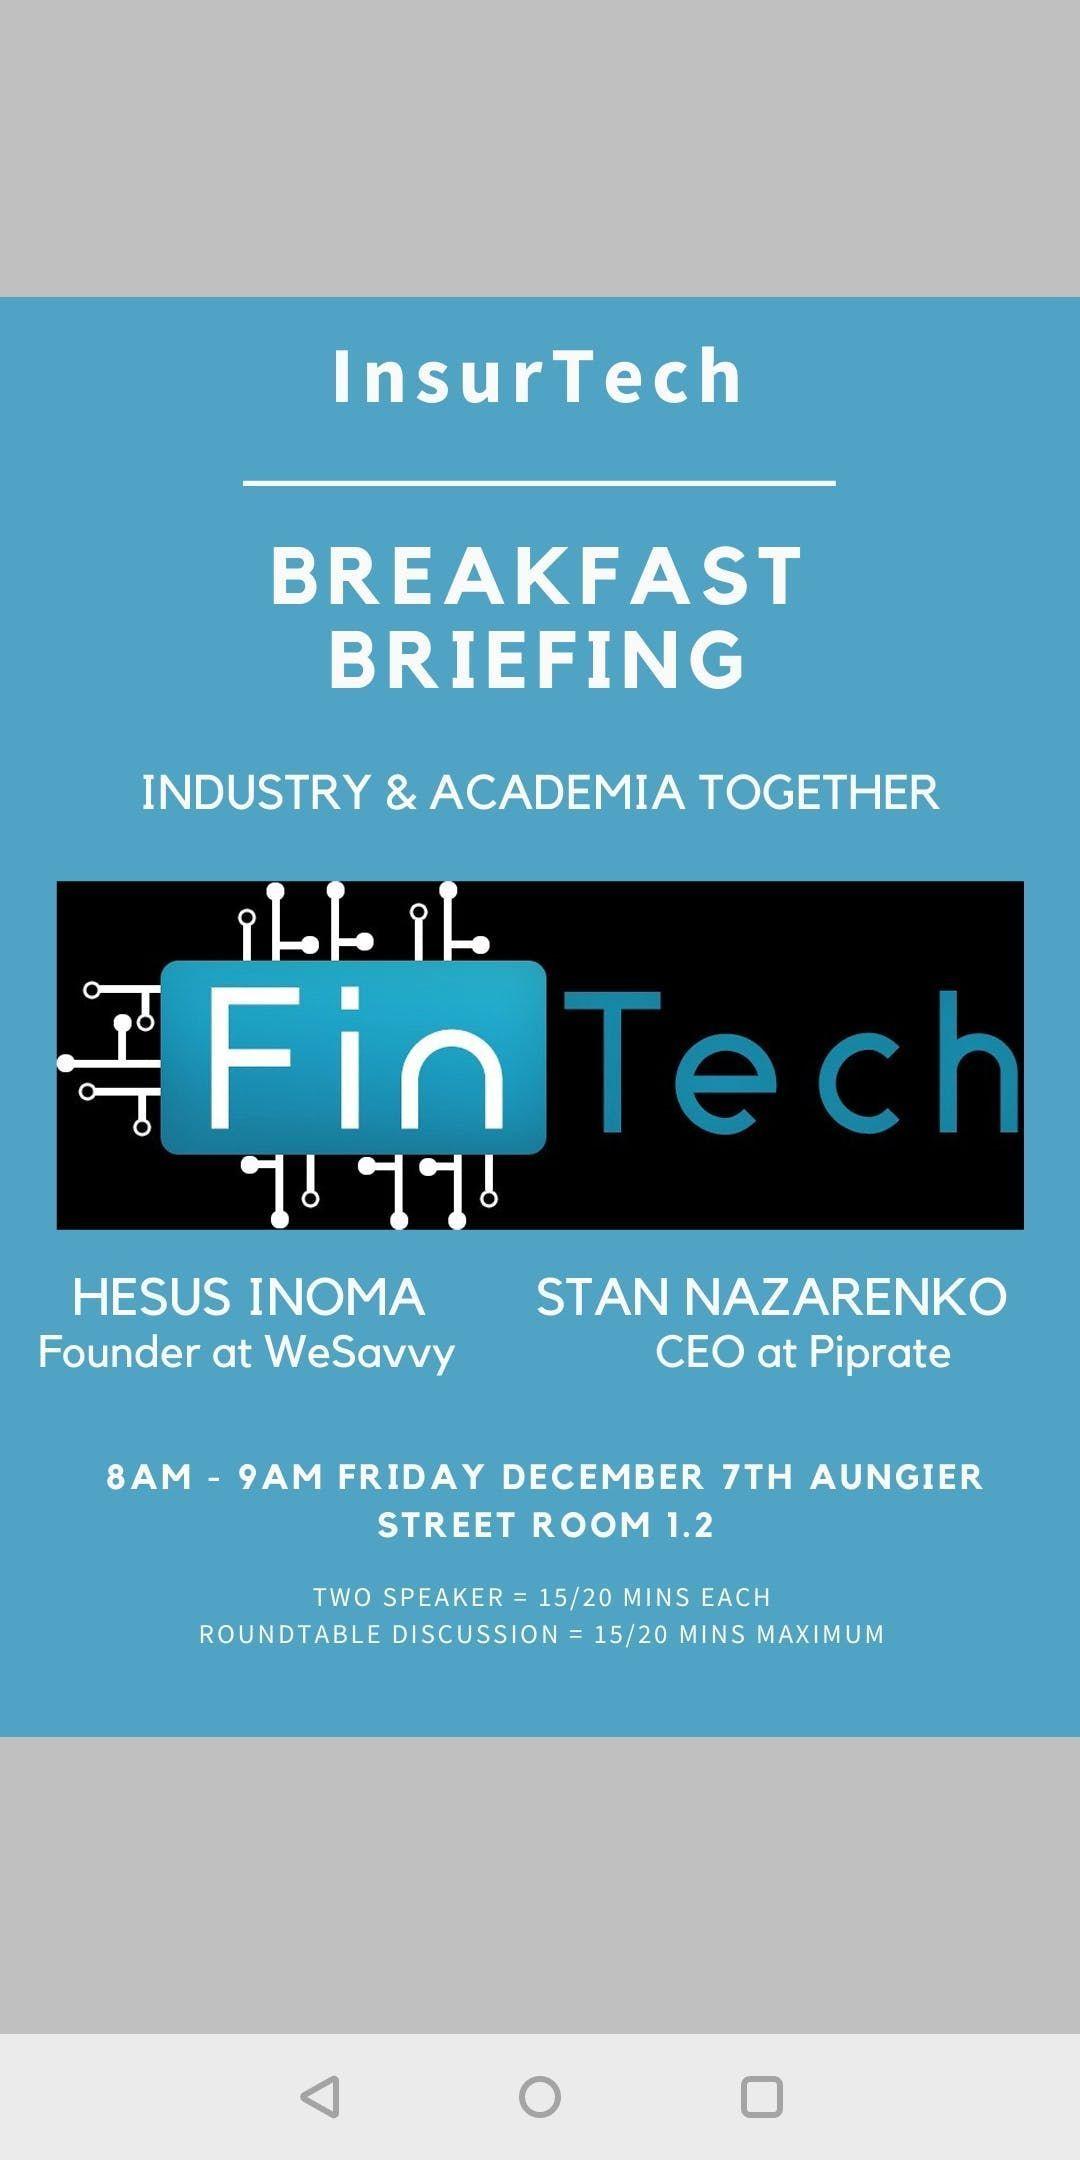 InsurTech Breakfast Briefing.